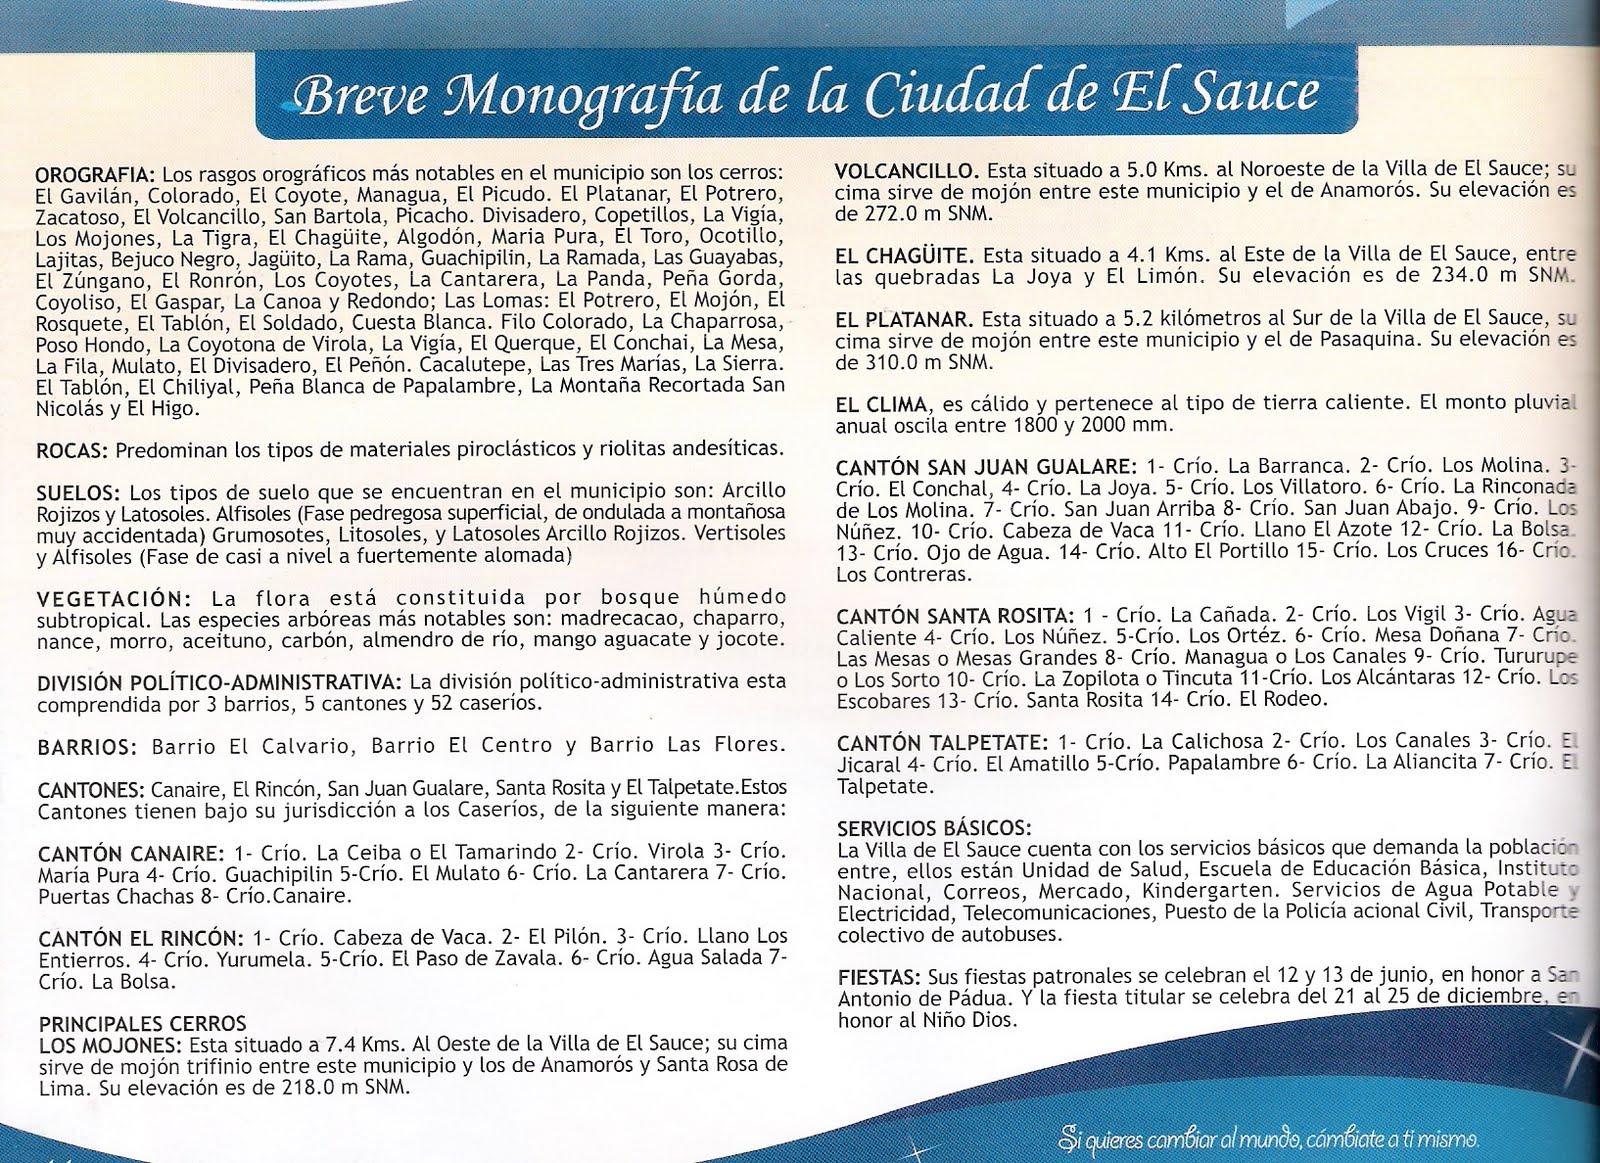 Historia (Monografia de El Sauce)